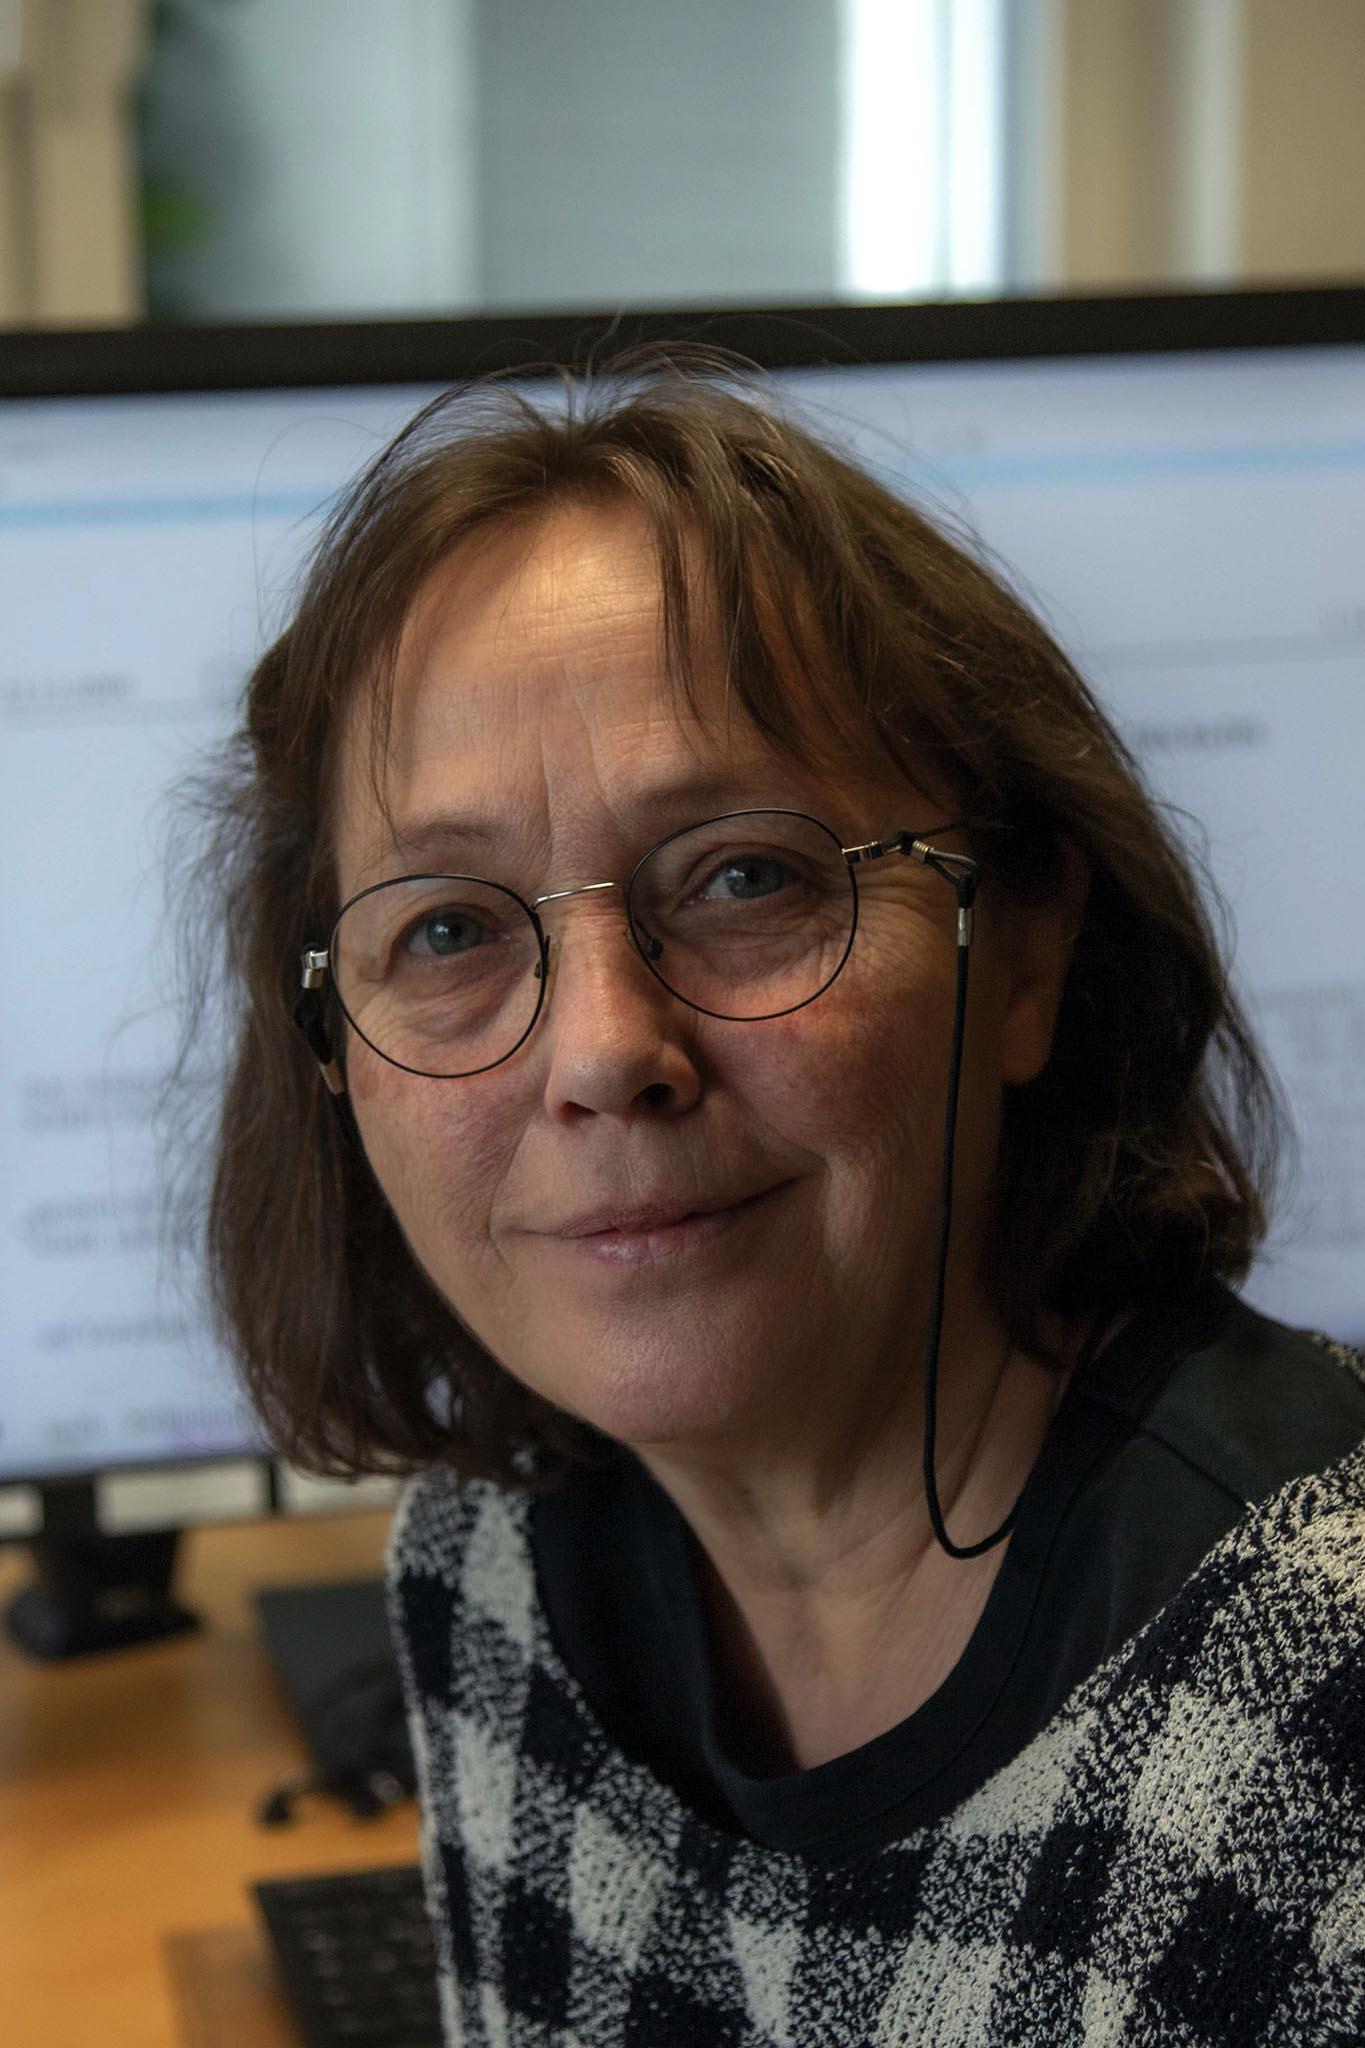 ecoscope Labor für Industrielle Mikrobiologie Dr. Ulrike Hüppeler Sicherheitsbewerterin Stellvertretende Laborleitung Qualitätskontrolle Kosmetik nicht sterile Produkte